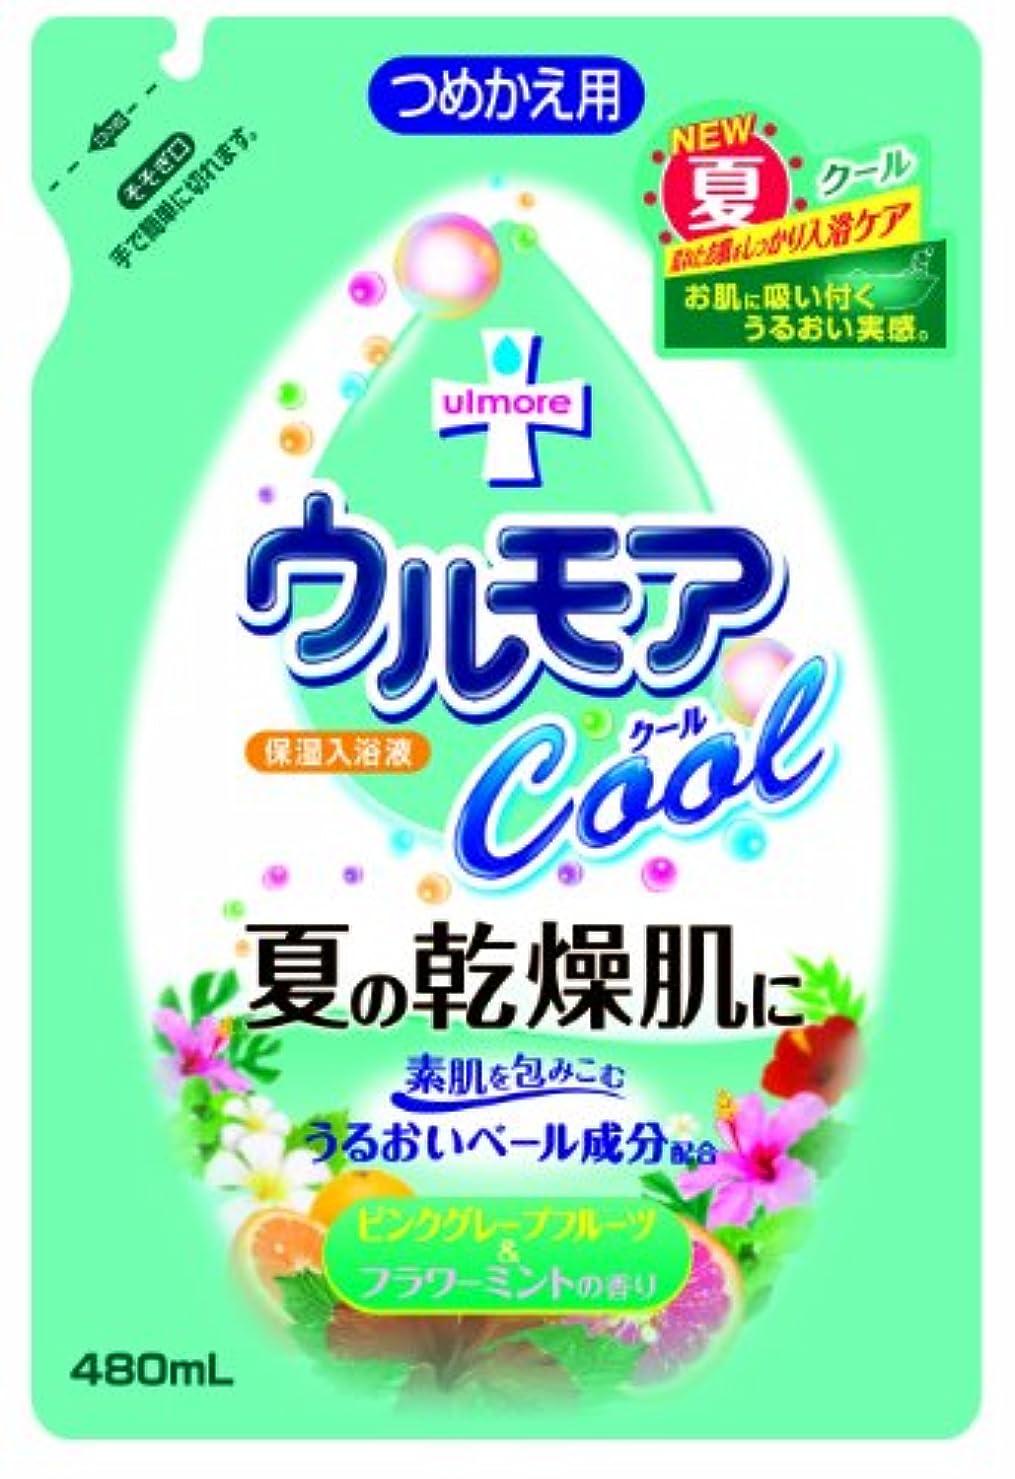 毛細血管旅行村アース製薬 保湿入浴液ウルモアクール 替 ピンクグレープフルーツ&フラワーミントの香り 480mL